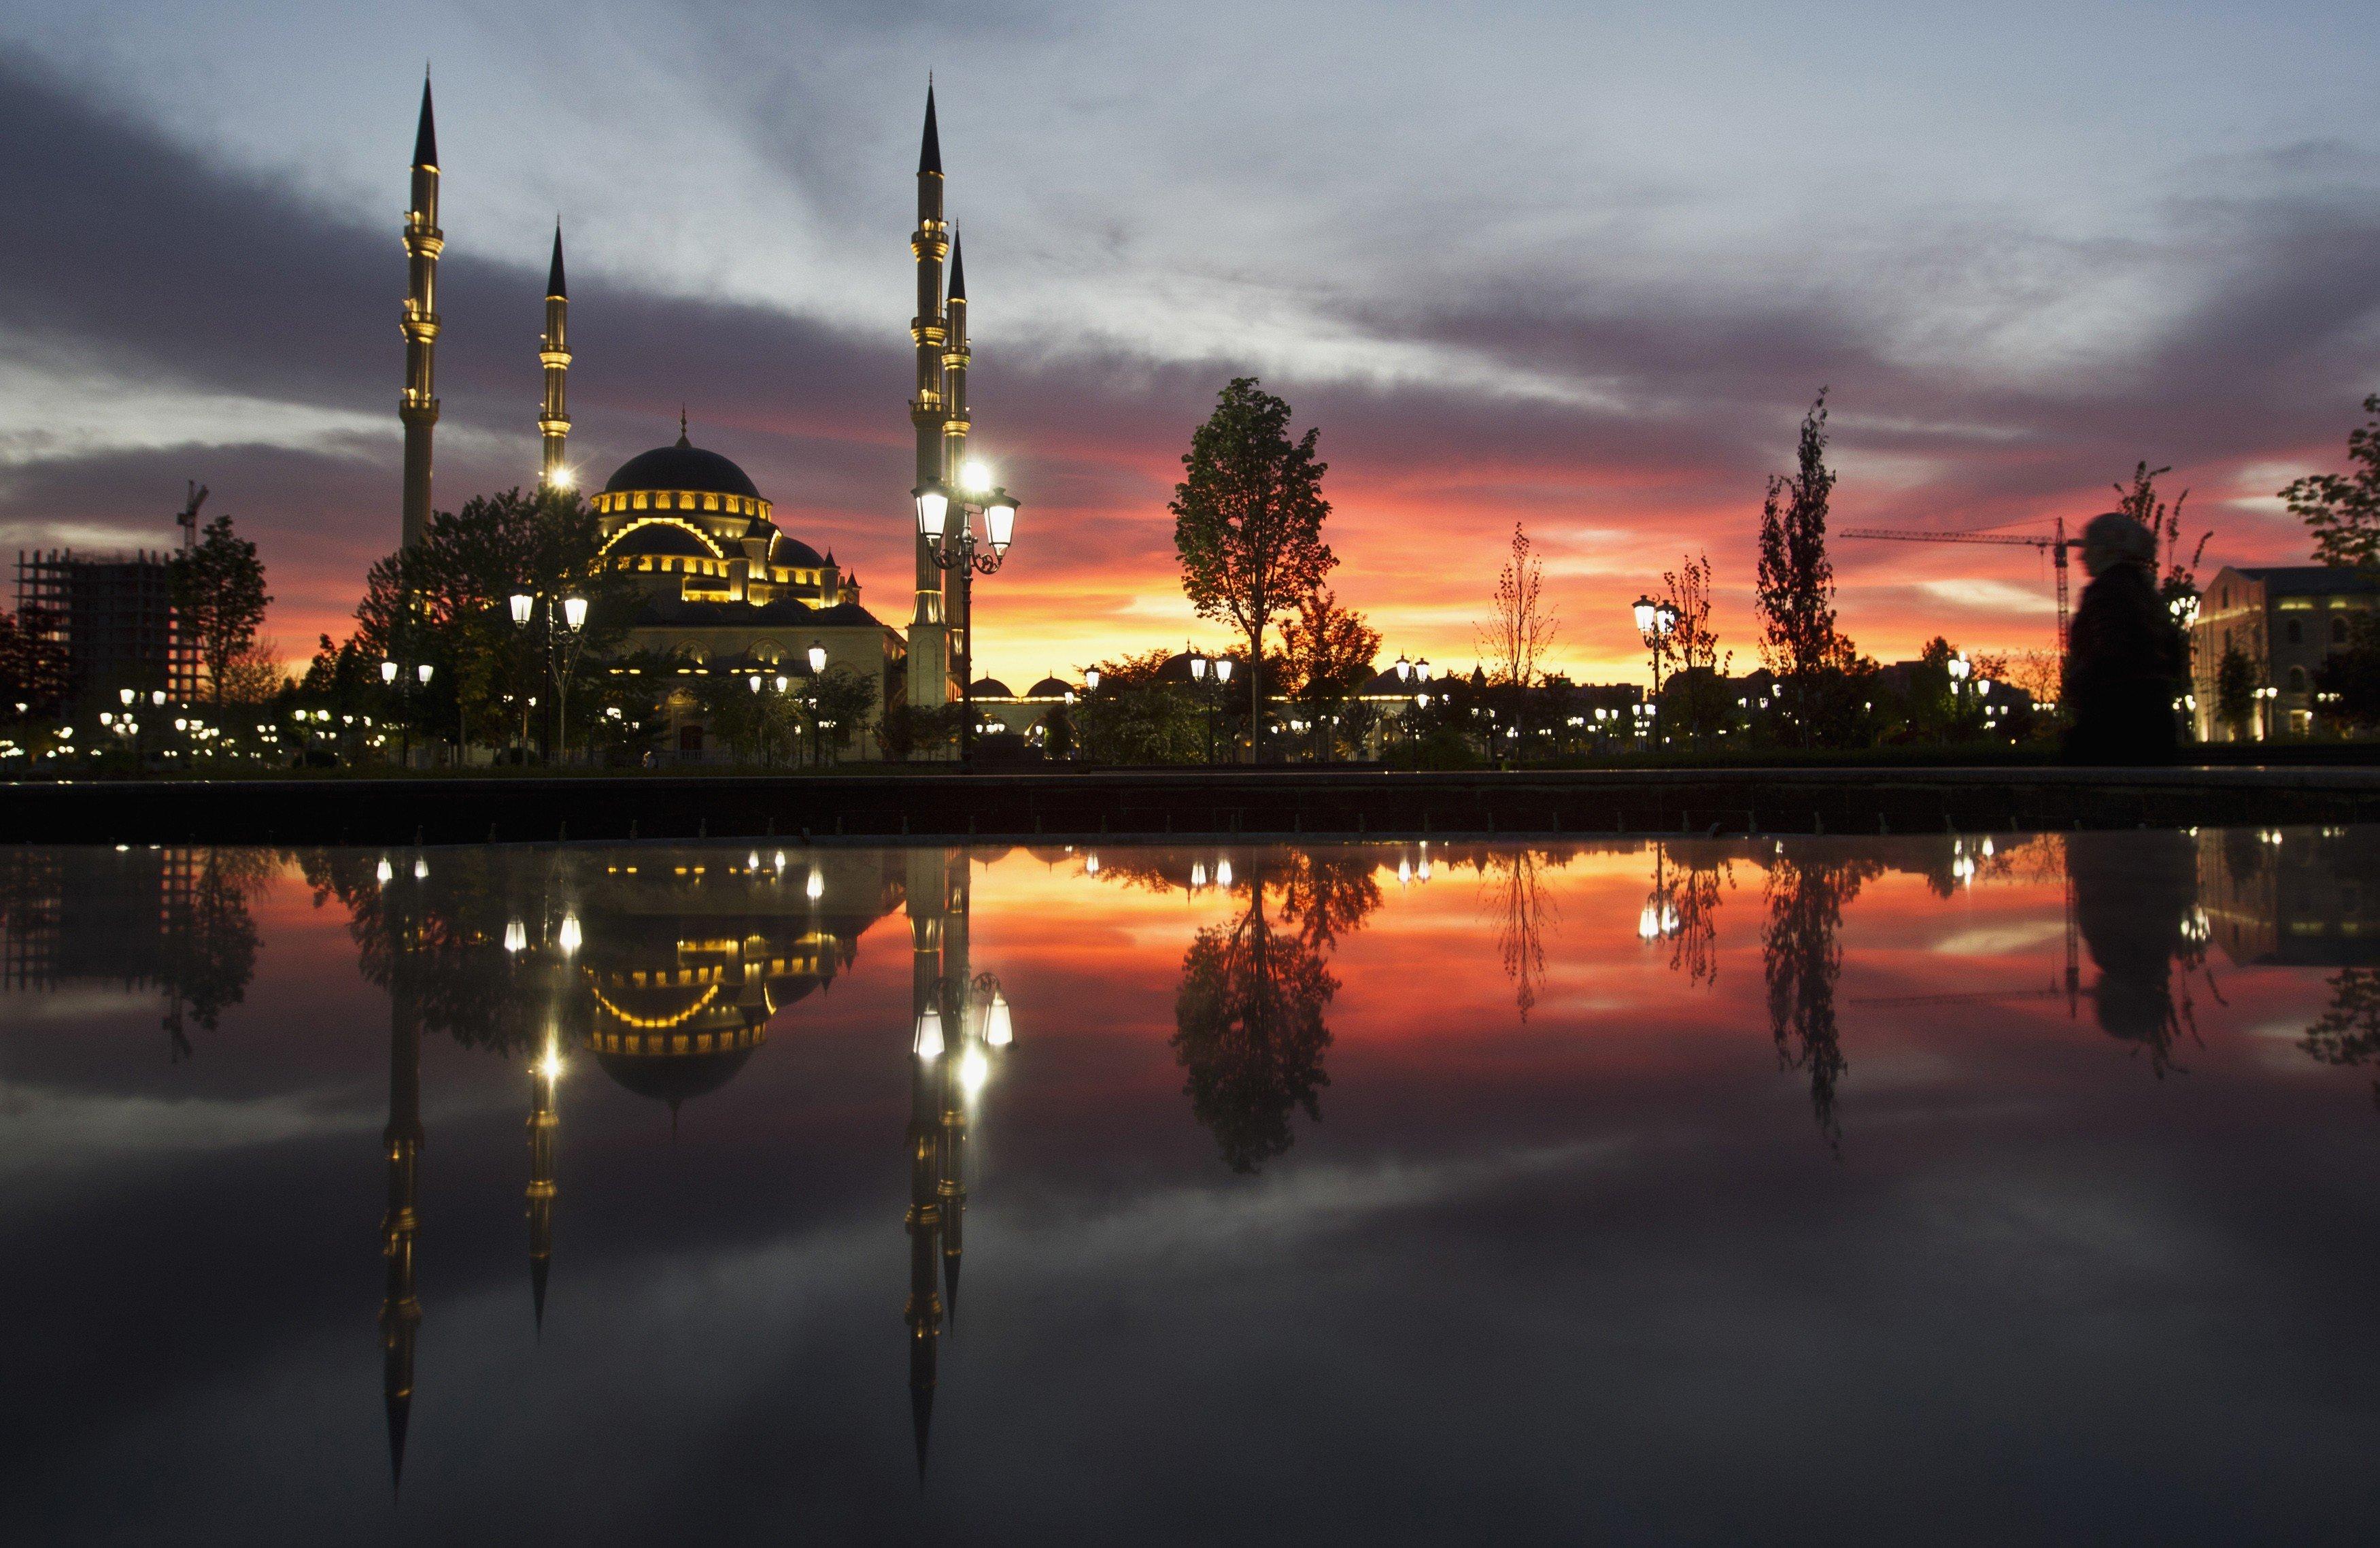 сломить такой грозный фото камри на фоне мечети район, тот